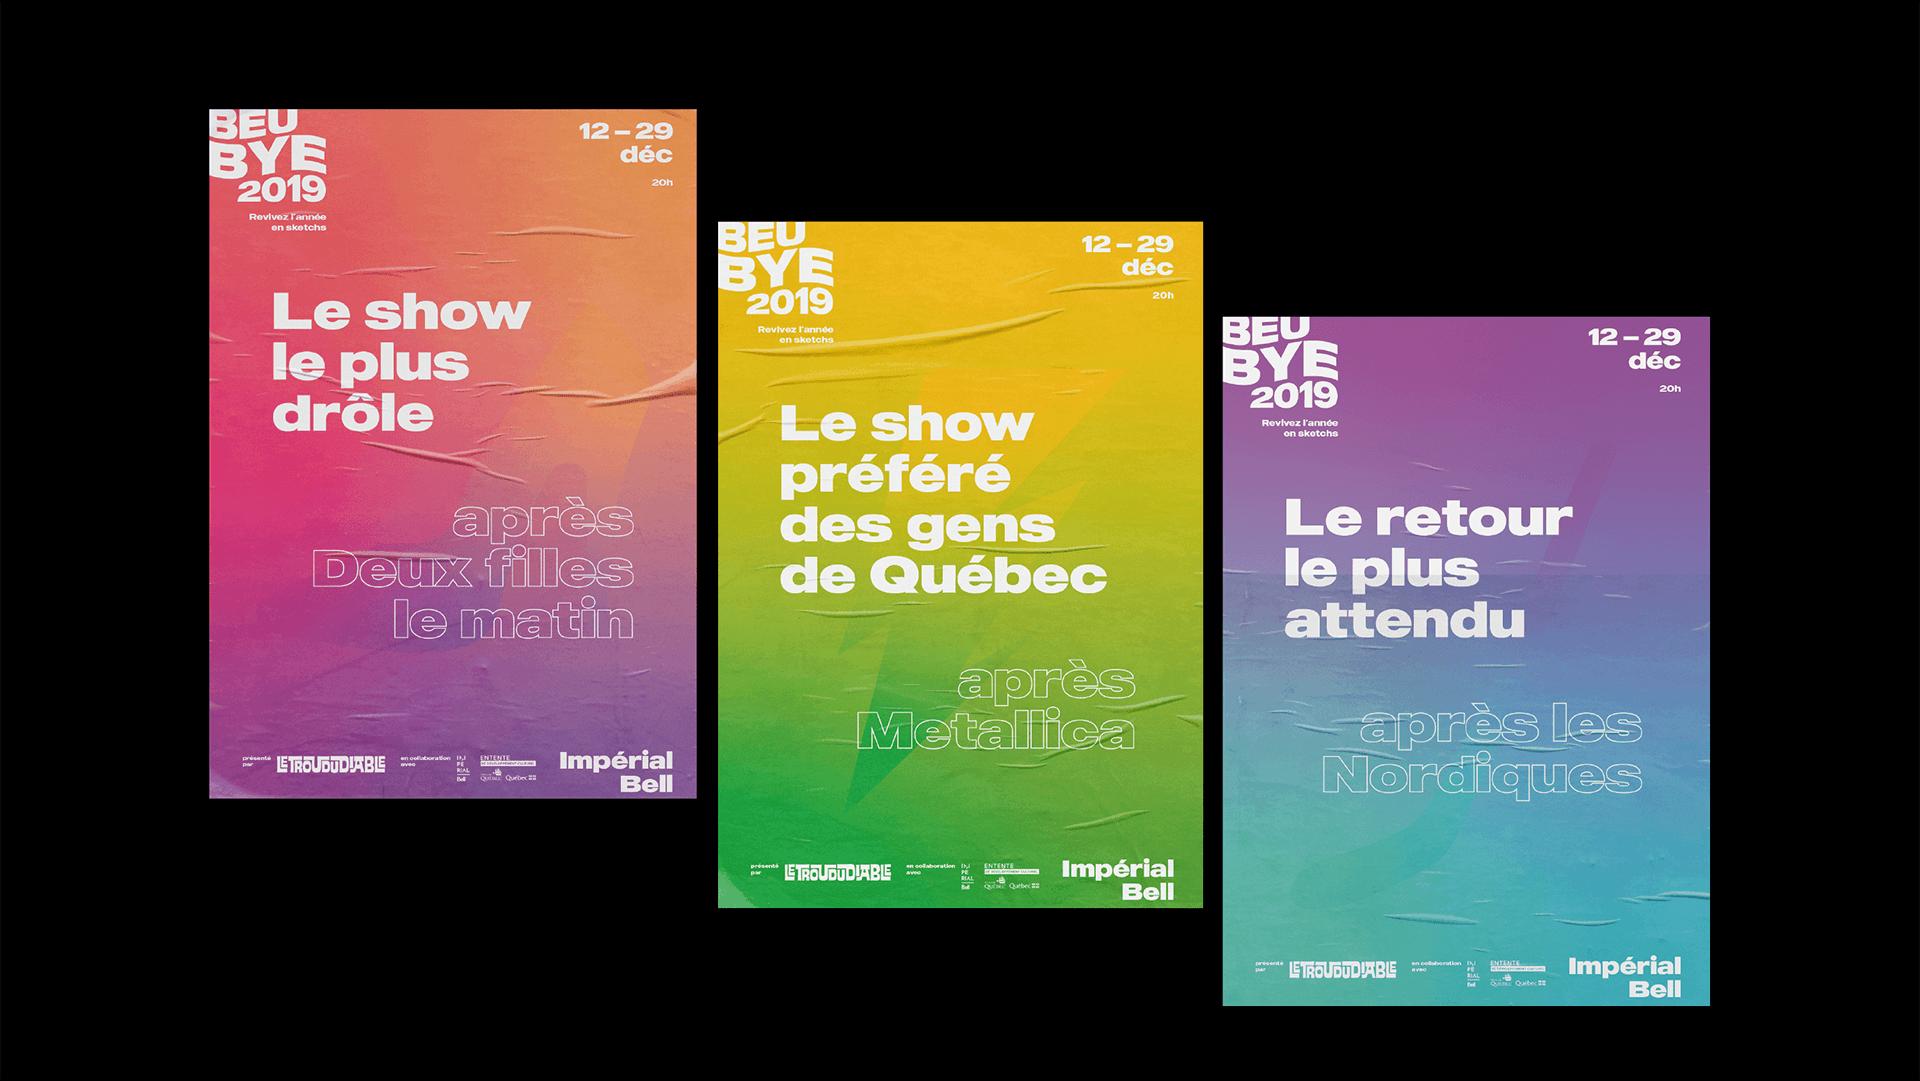 Visuel événementiel   Trois versions de l'affiche de l'édition 2019   Beubye